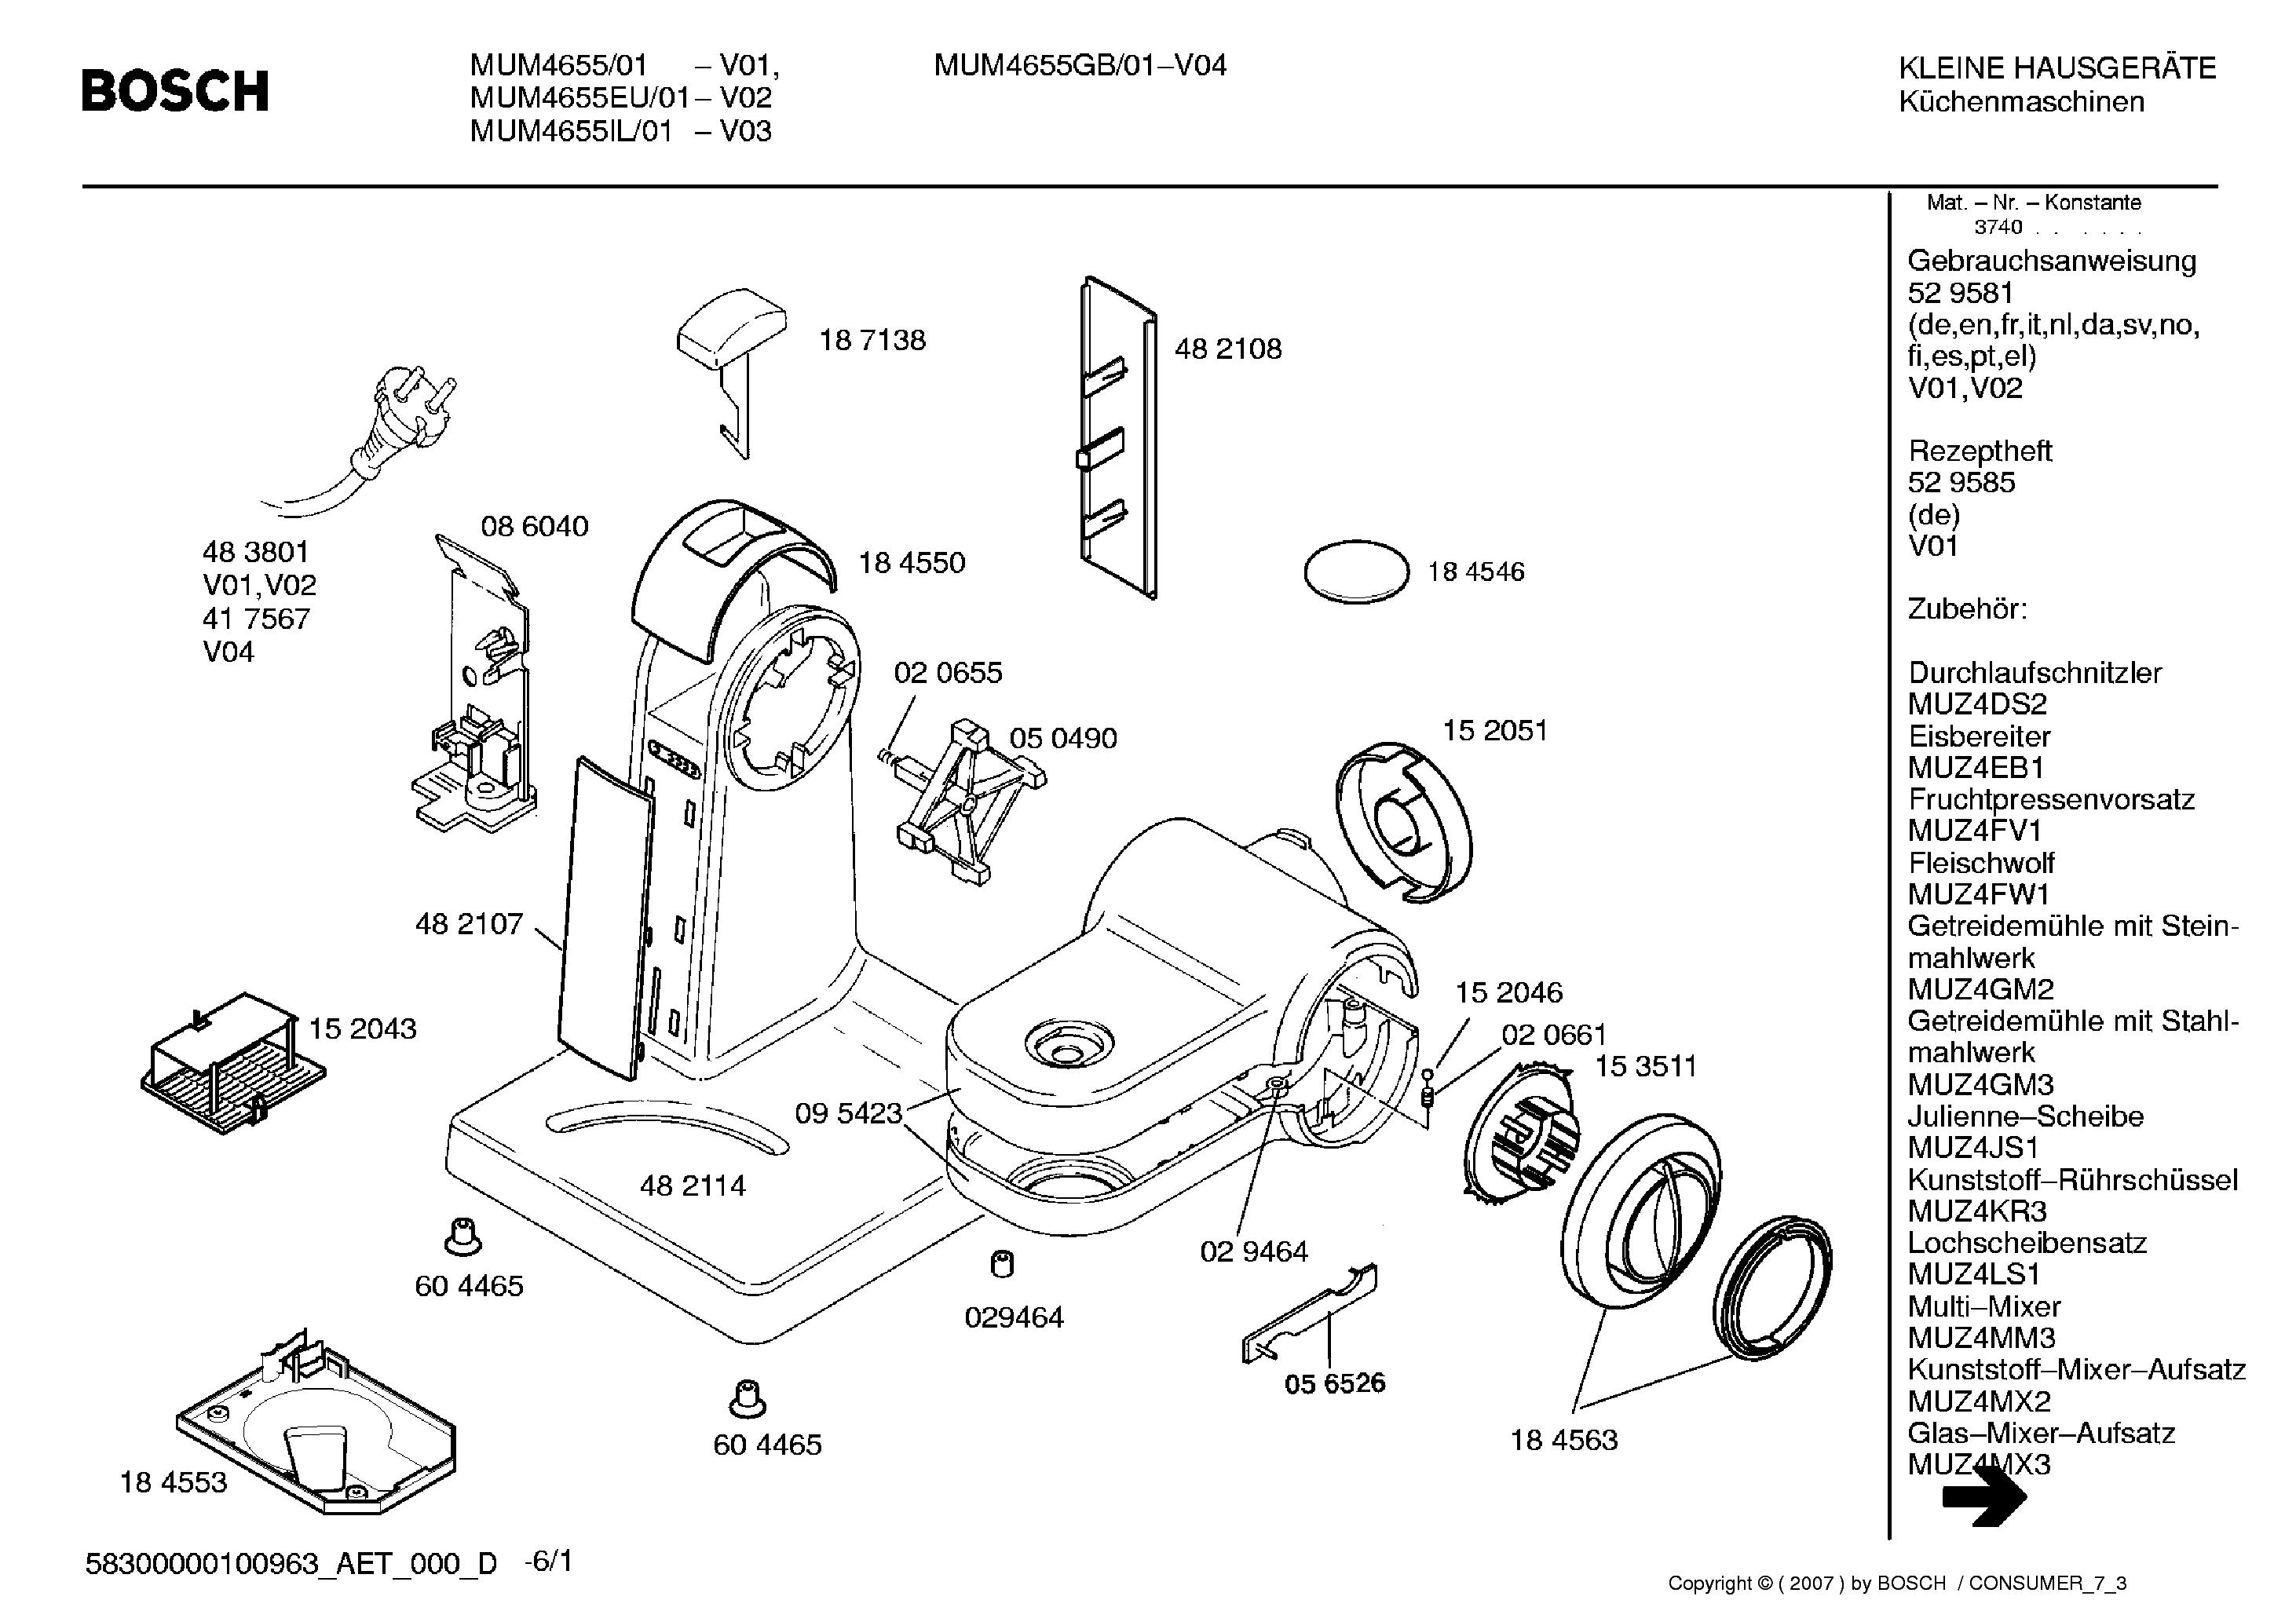 bosch mum4655 eu il 01 parts service manual download